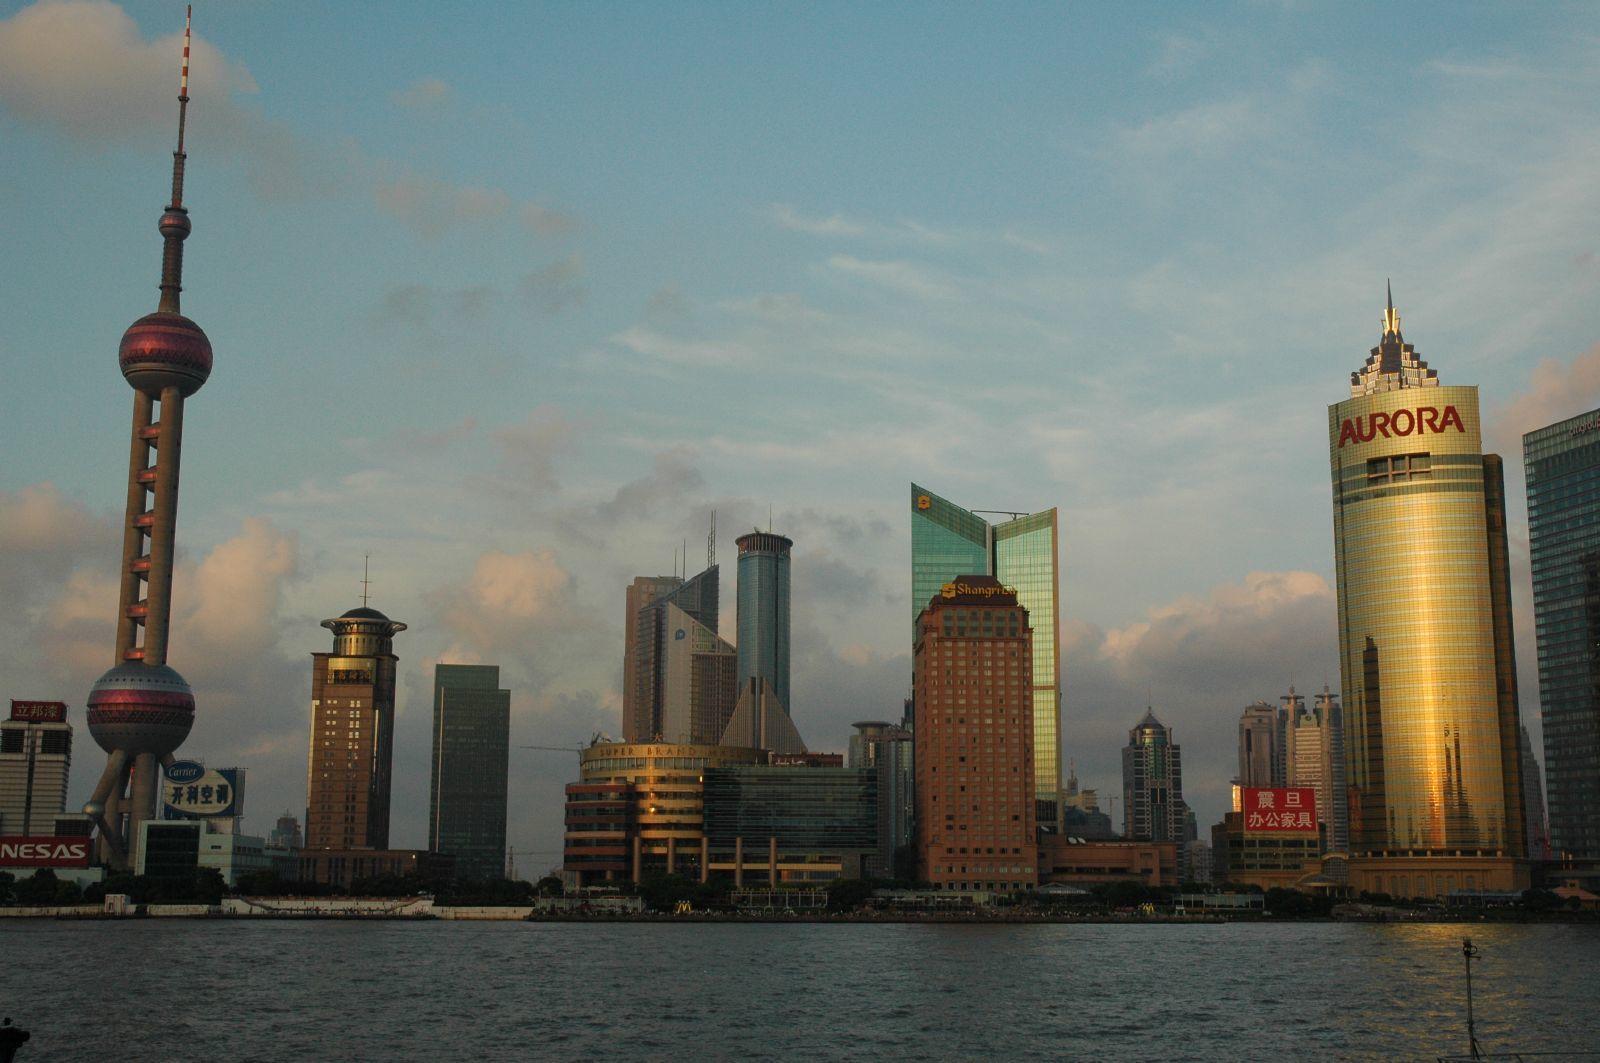 الصين هي رابع أكبر دولة في العالم